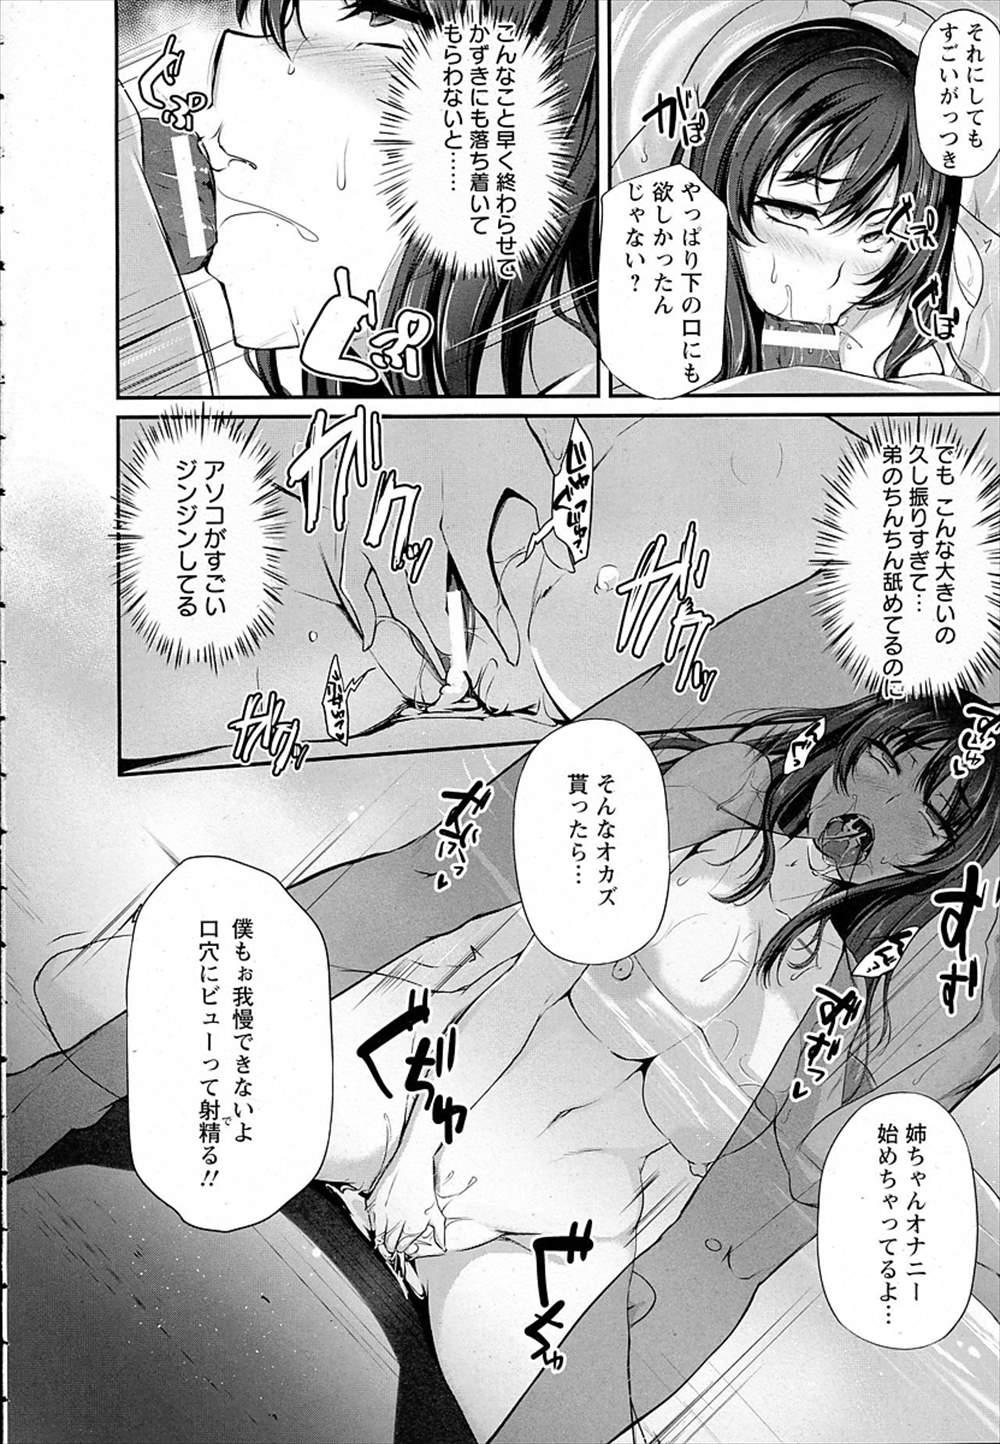 【エロ漫画】人妻熟女の姉が実の弟と近親相姦して調教されていく…www